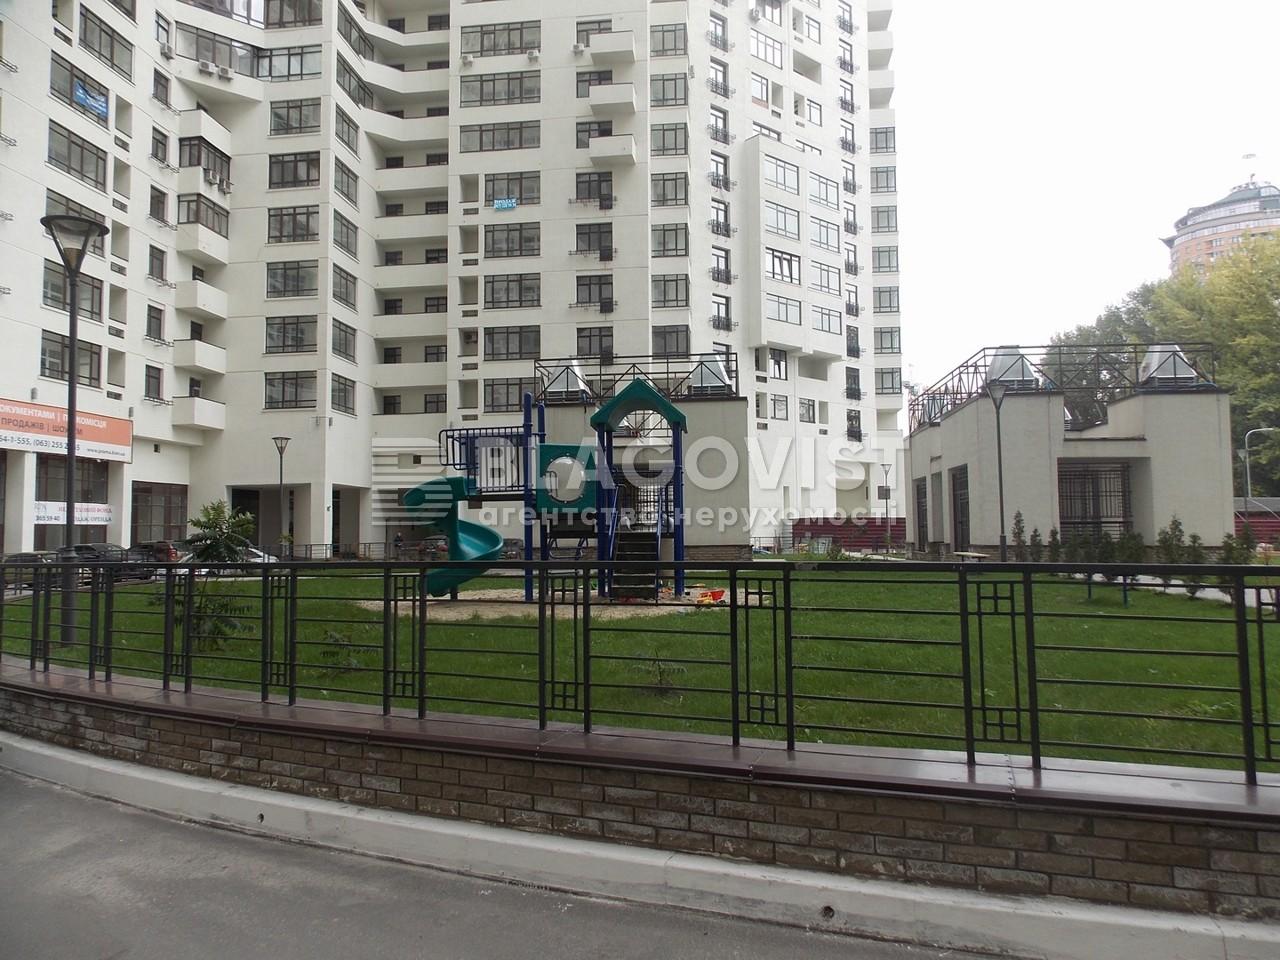 Нежилое помещение, H-46985, Коновальца Евгения (Щорса), Киев - Фото 4